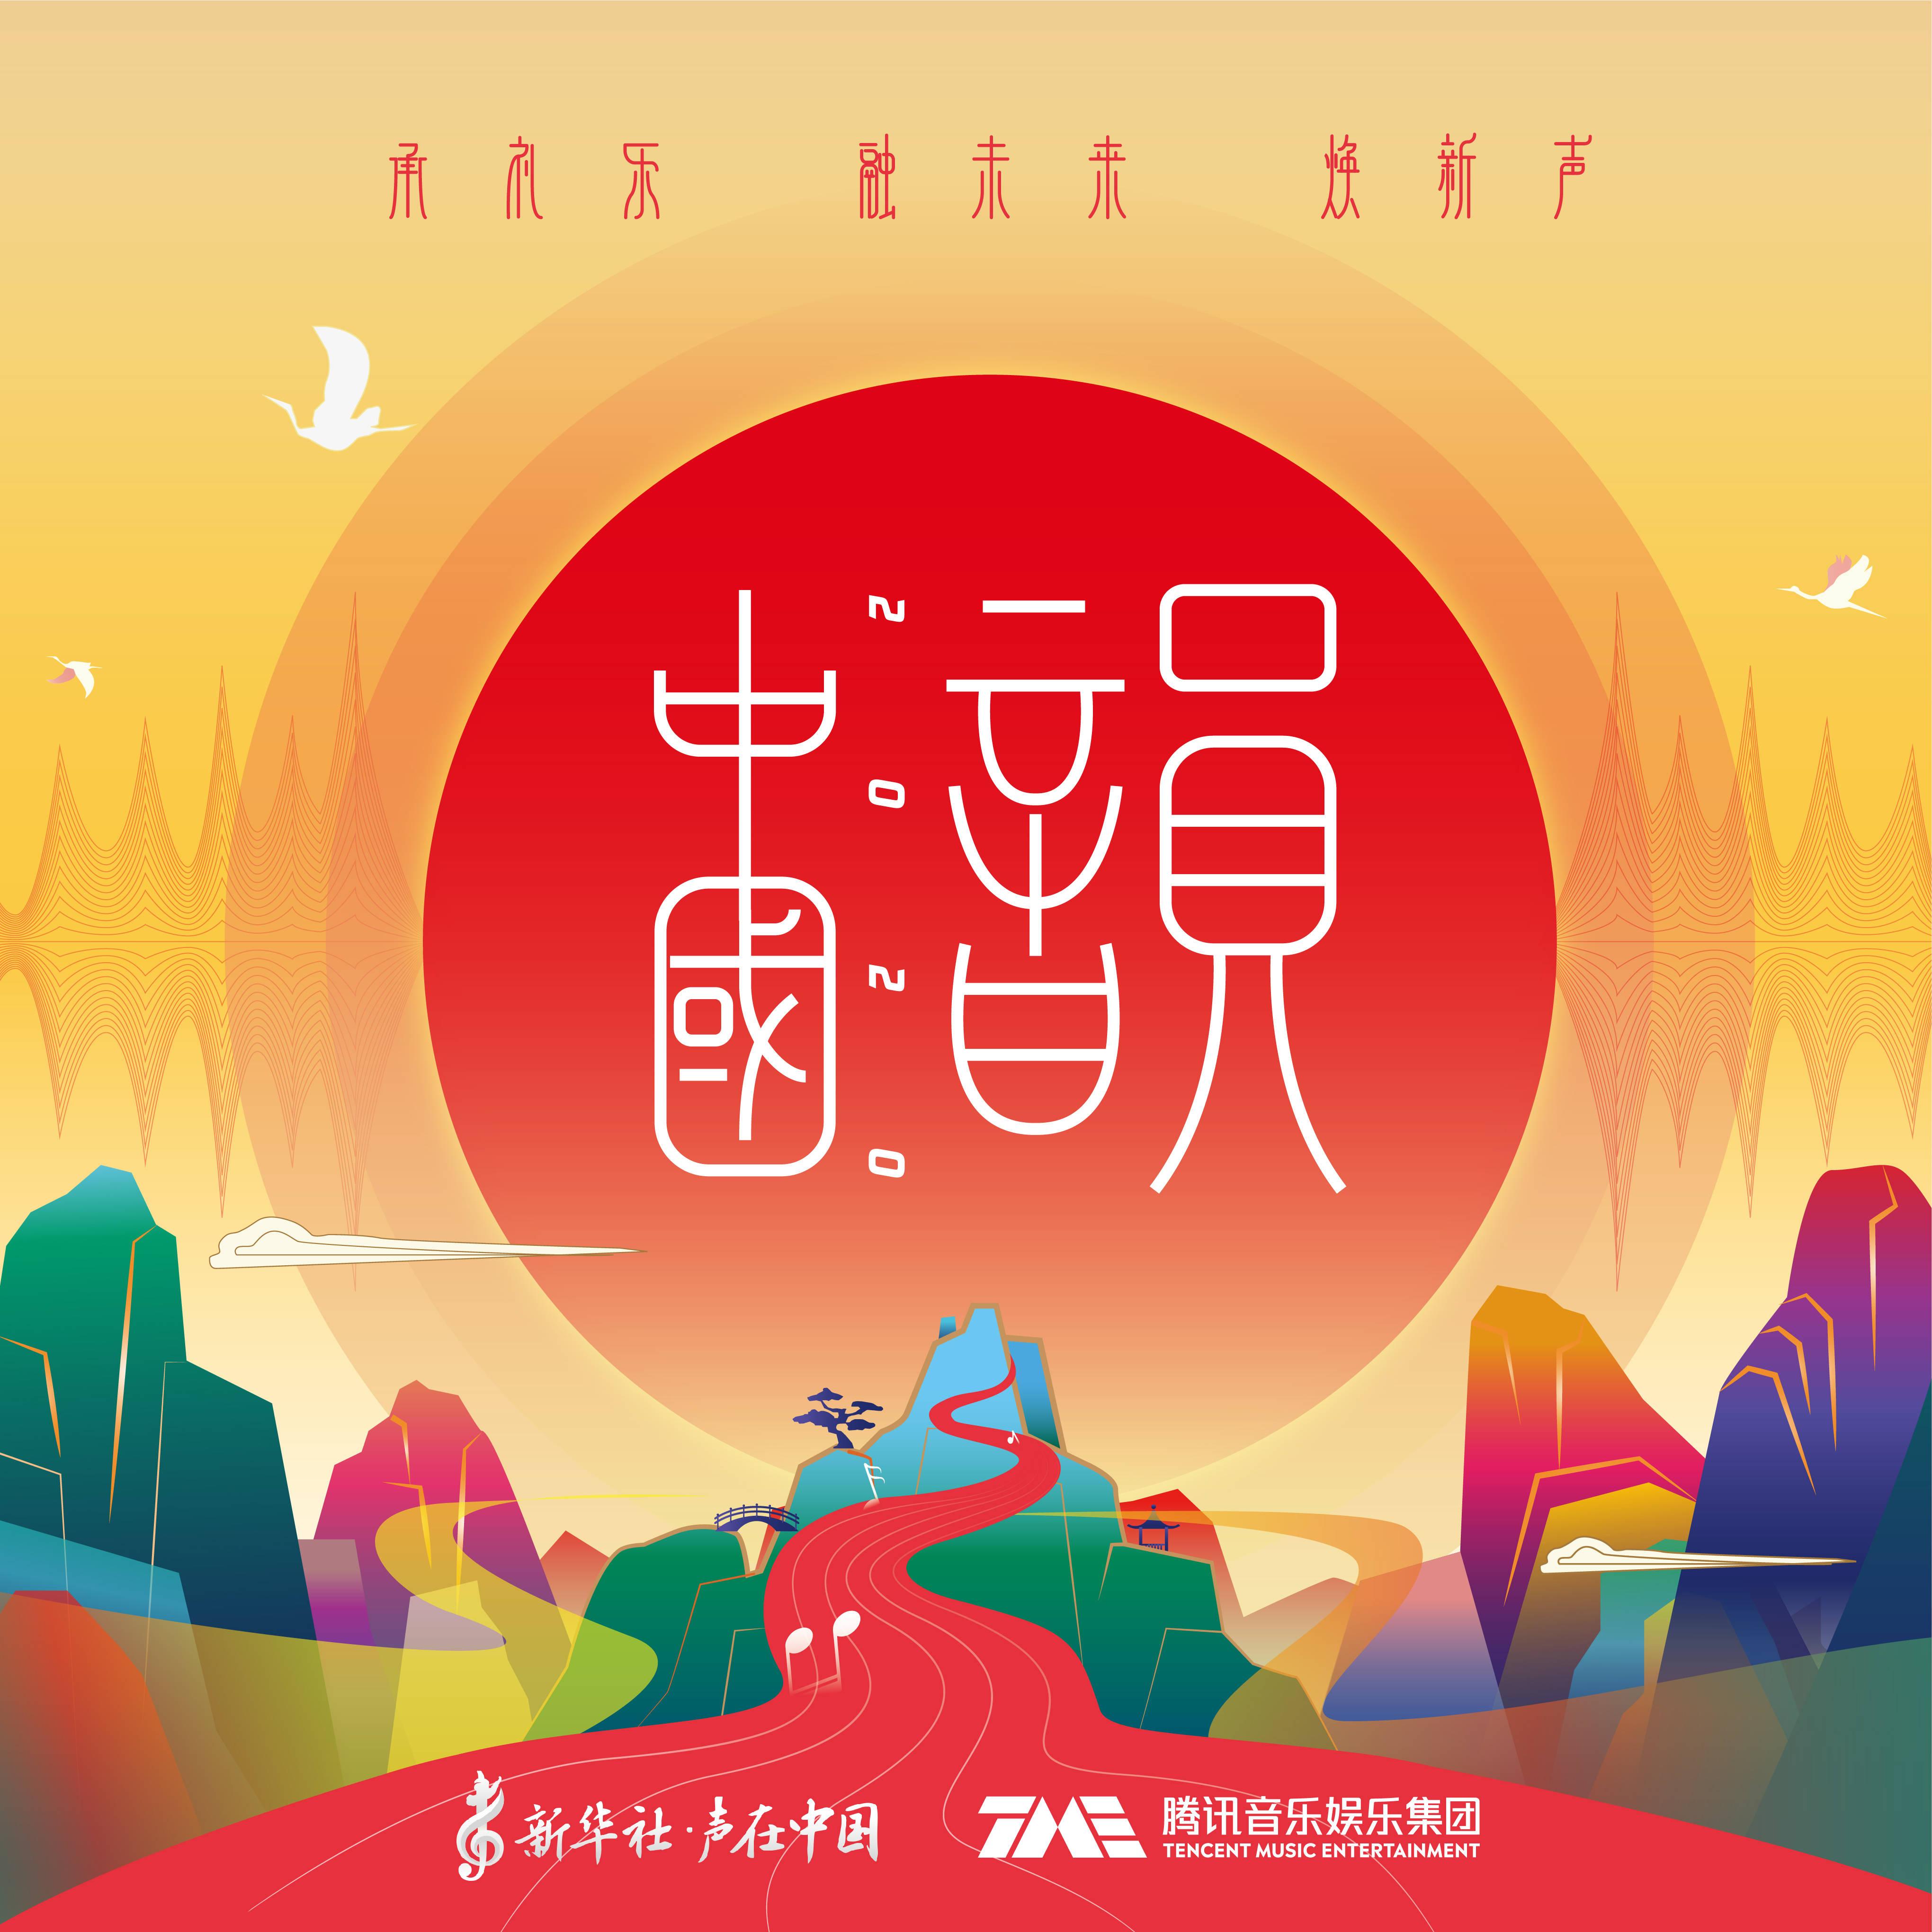 """新华社""""声在中国""""x腾讯音乐娱乐集团公益专辑《中国韵2020》正式上线"""